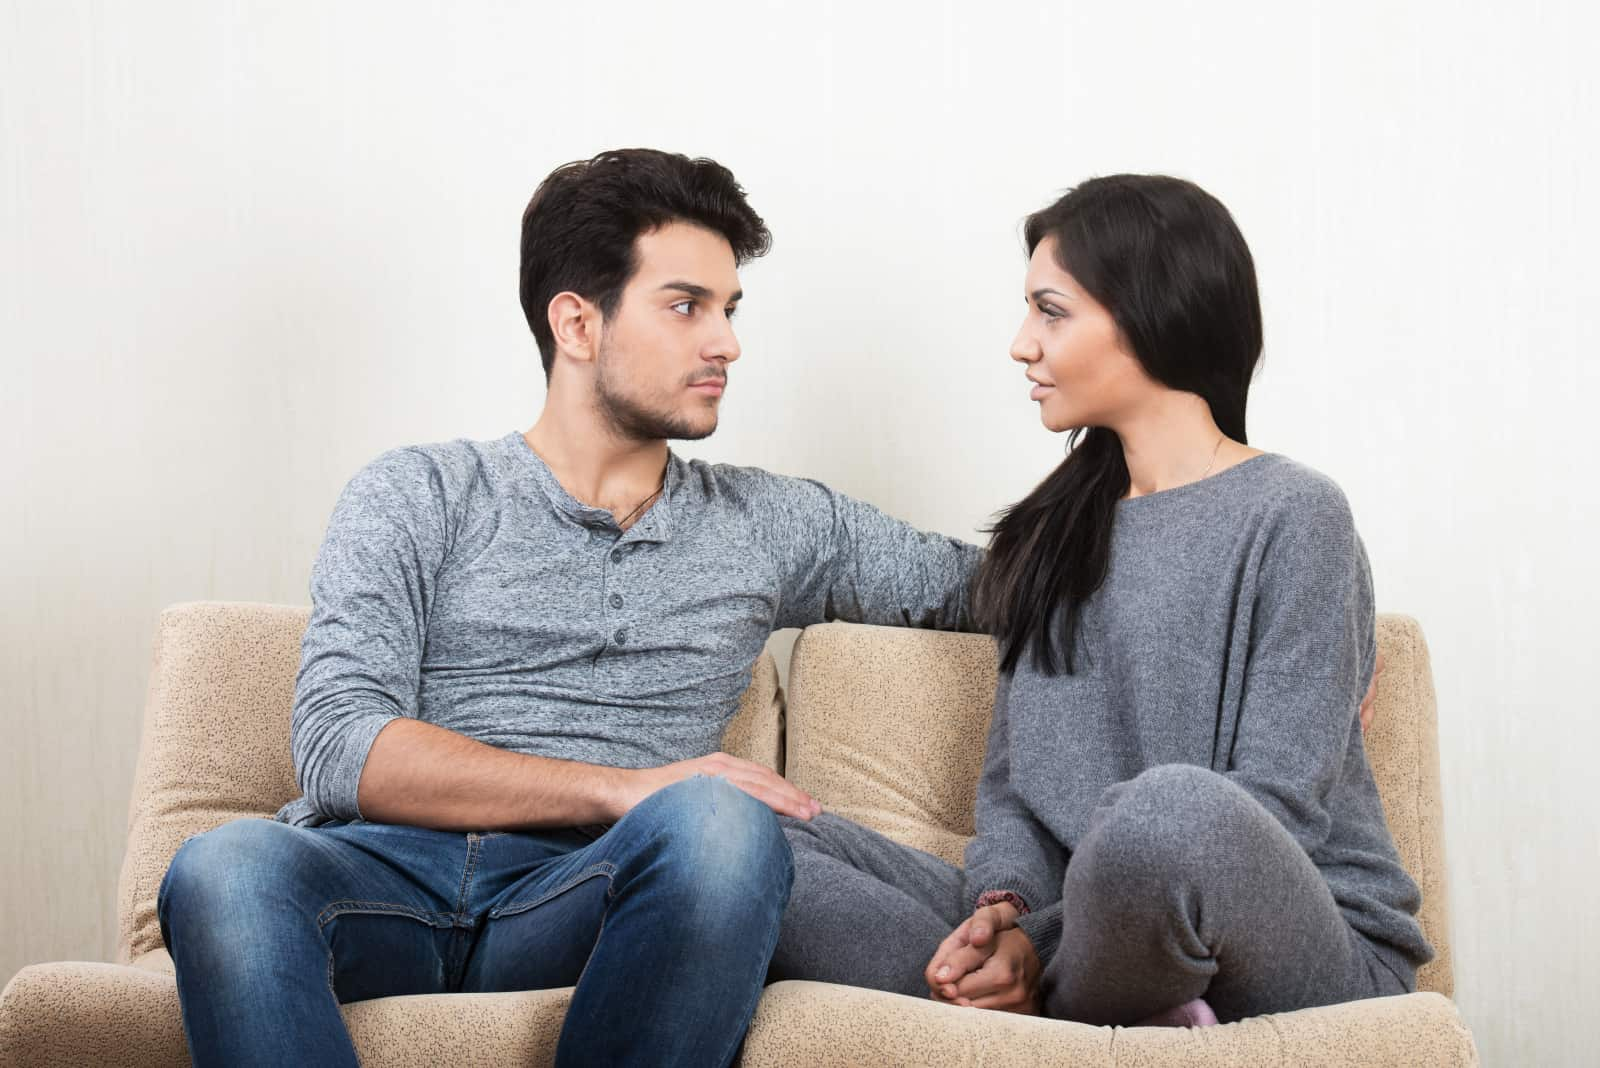 Ein Paar sitzt auf der Couch und redet